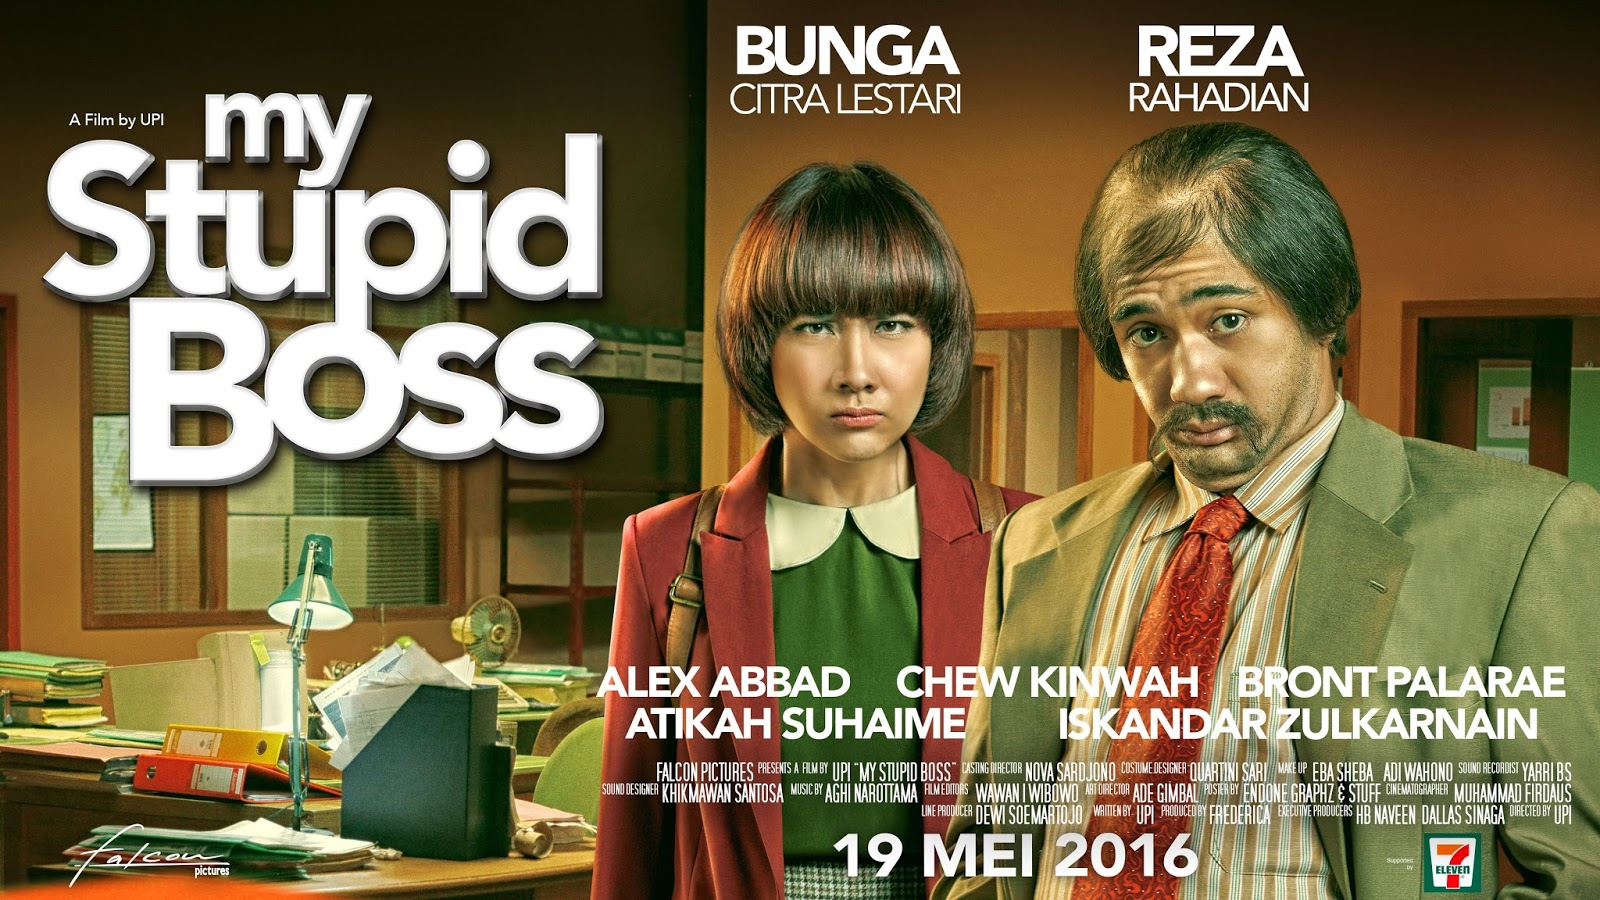 Daftar Film Indonesia Terbaru Yang Paling Lucu Saat Ini FAKTA FILM